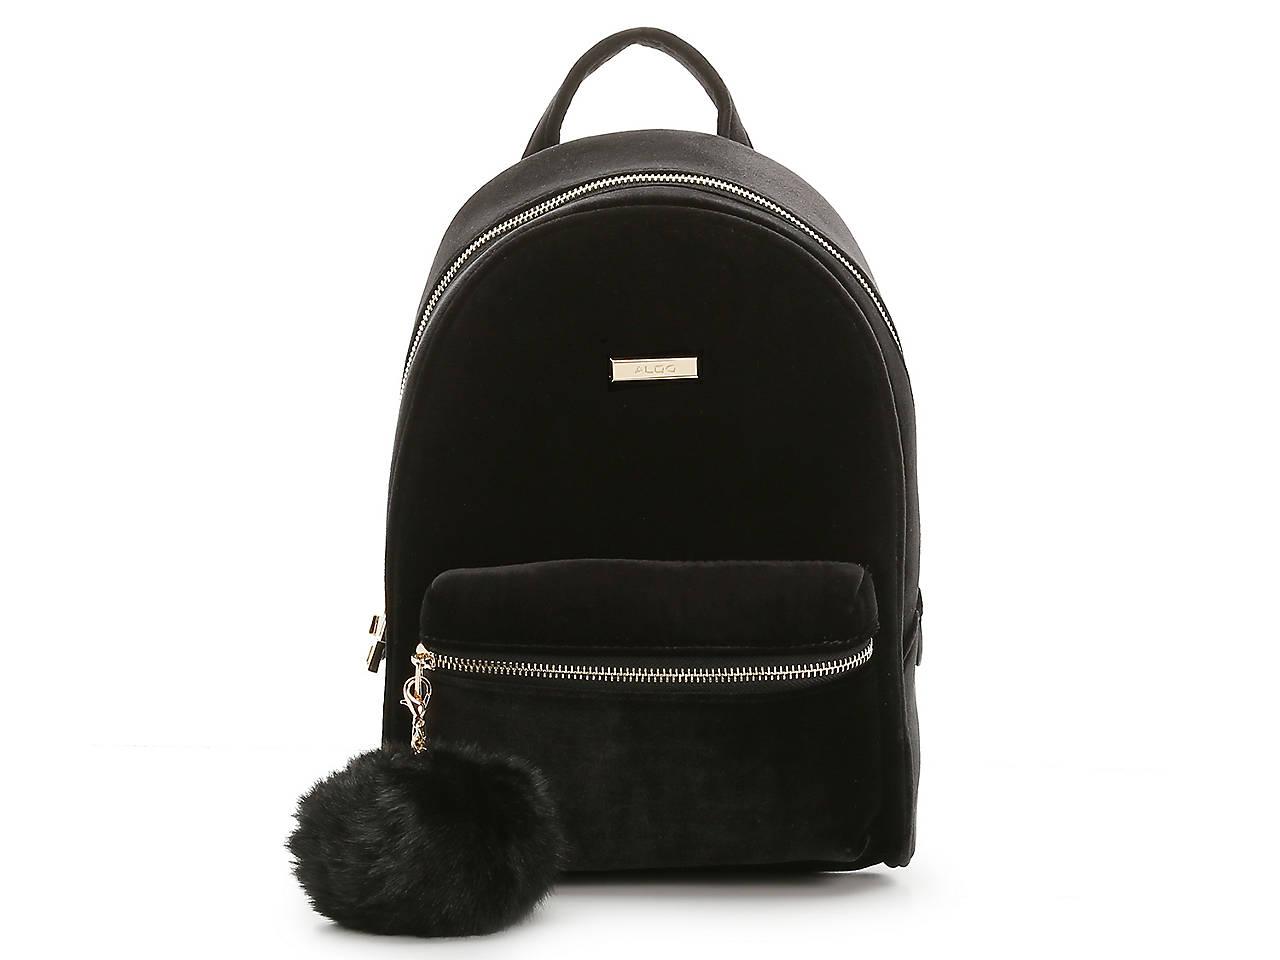 Aldo Pobbio Velvet Mini Backpack Women s Handbags   Accessories  0d5d209f55744